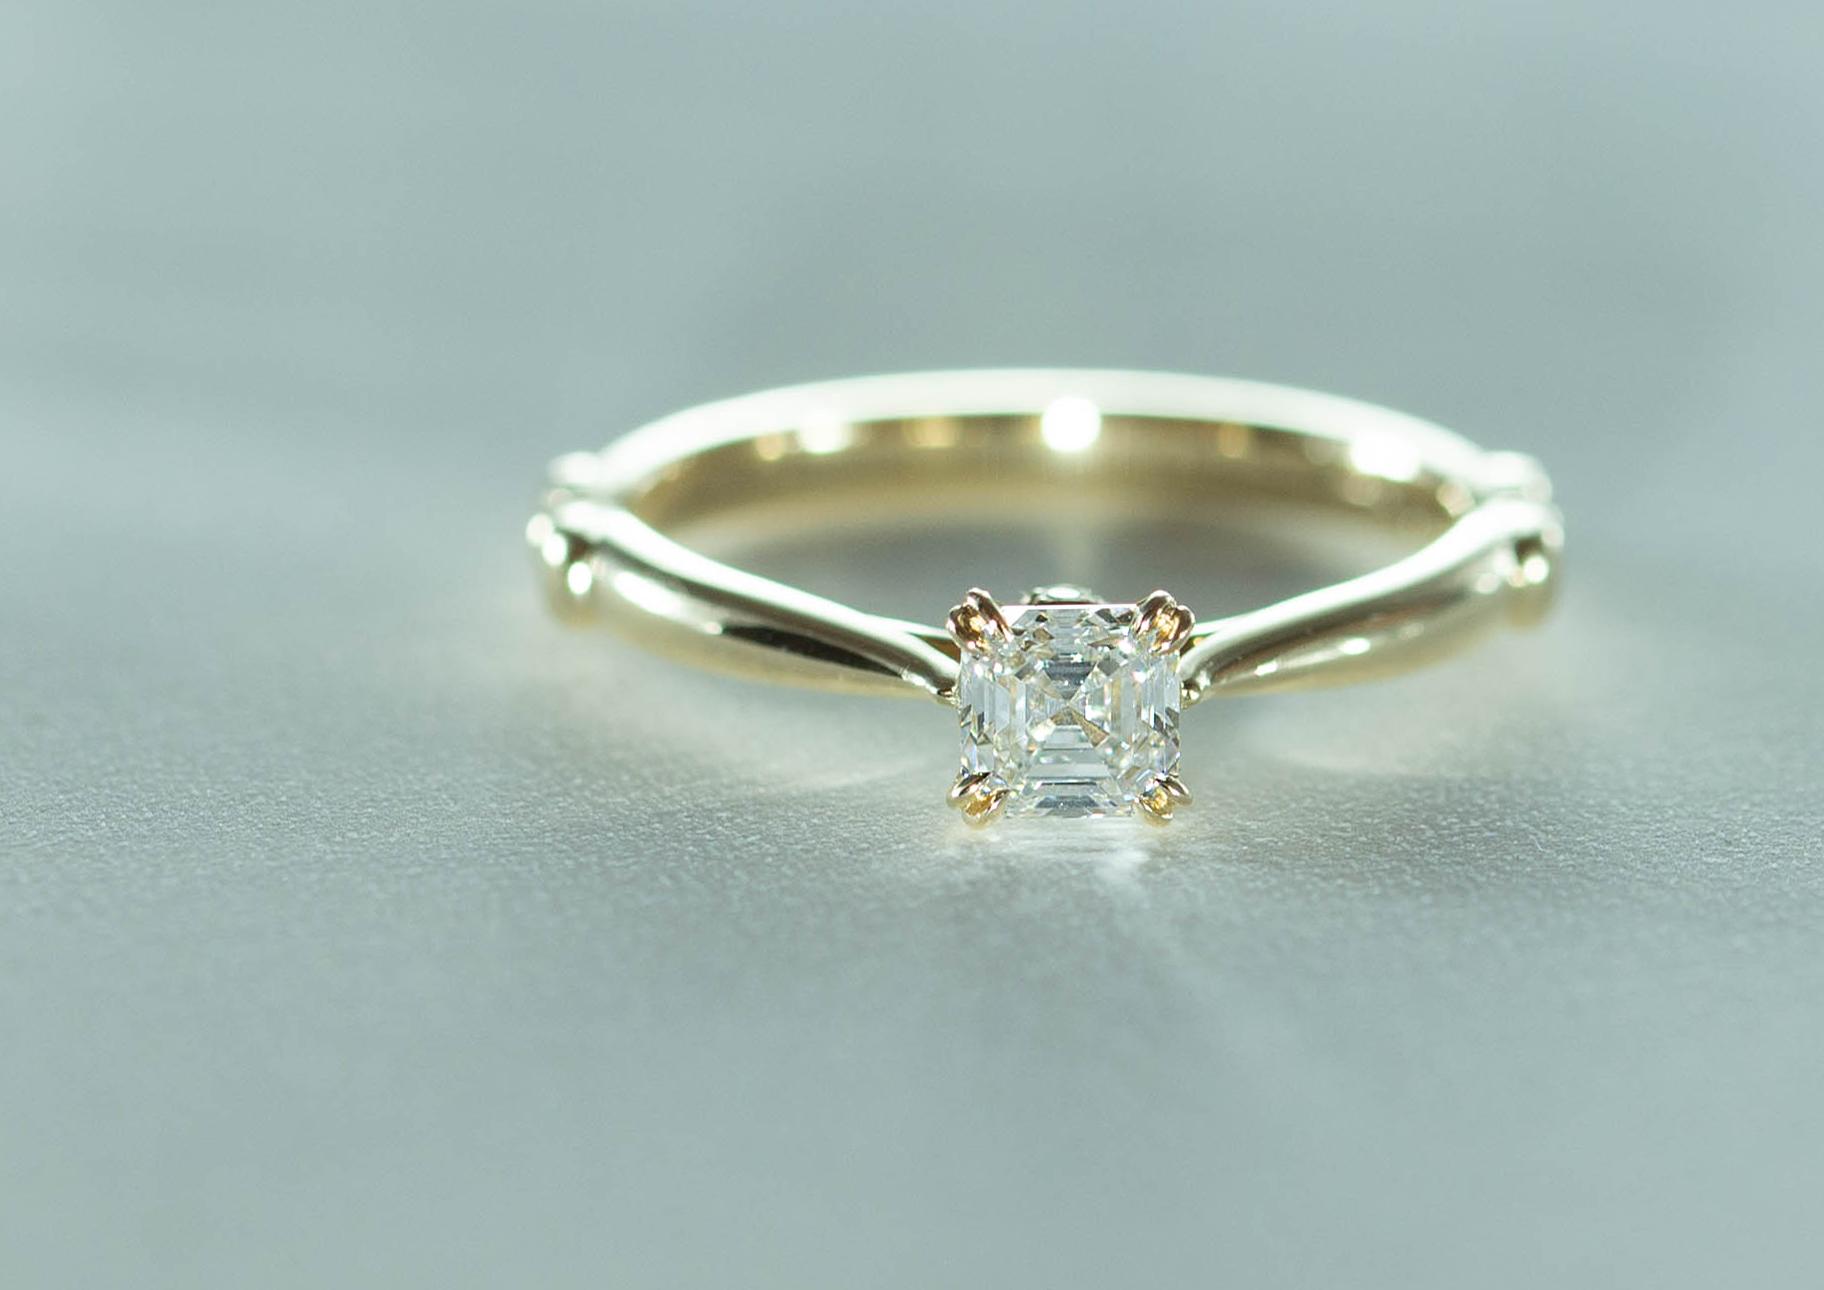 フルオーダーエンゲージリング  K14PG×アッシャーカットダイヤモンド 0.432ct  VVS1 D×メレダイヤモンド 0.03ct